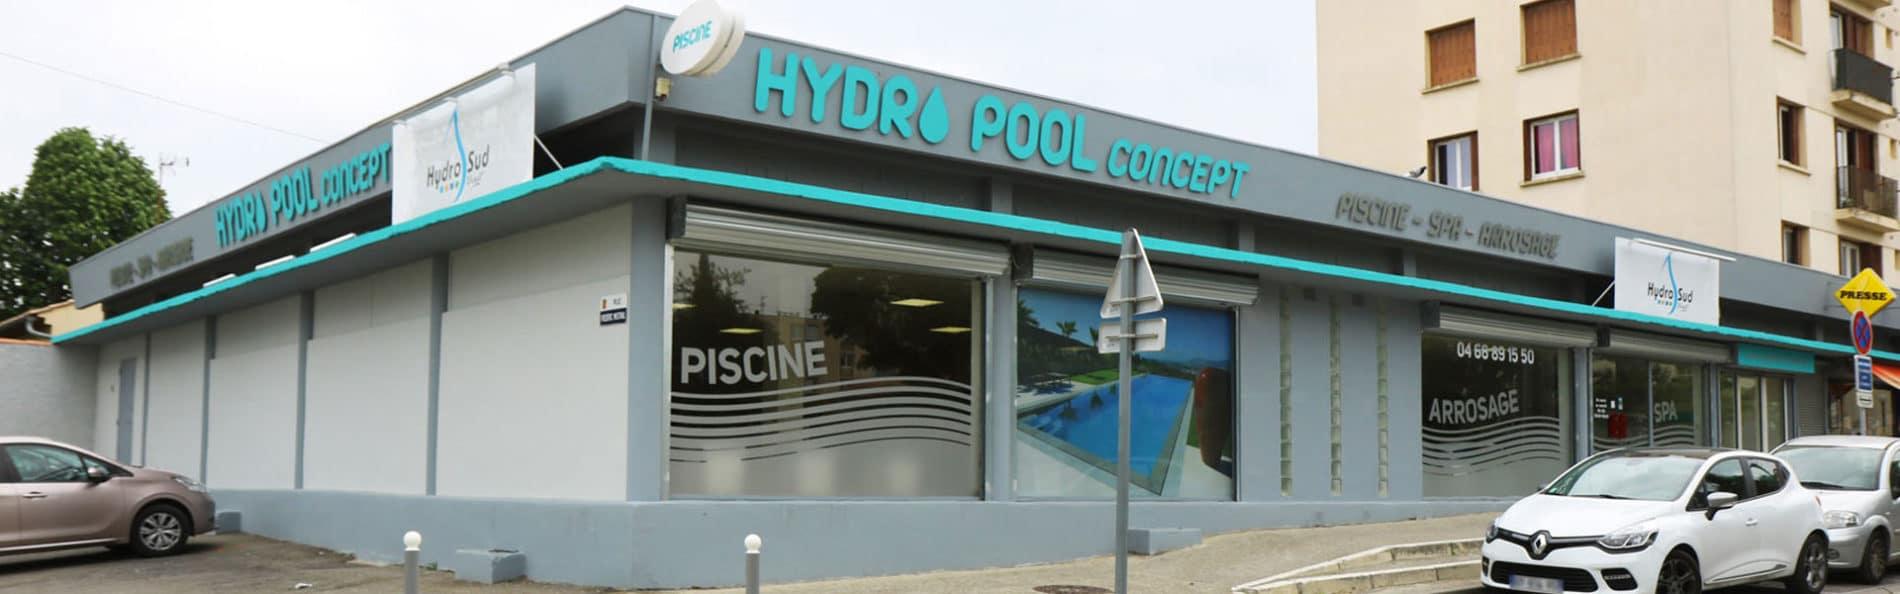 Hydro Pool Concept – Hydro Sud Bagnols-Sur-Cèze